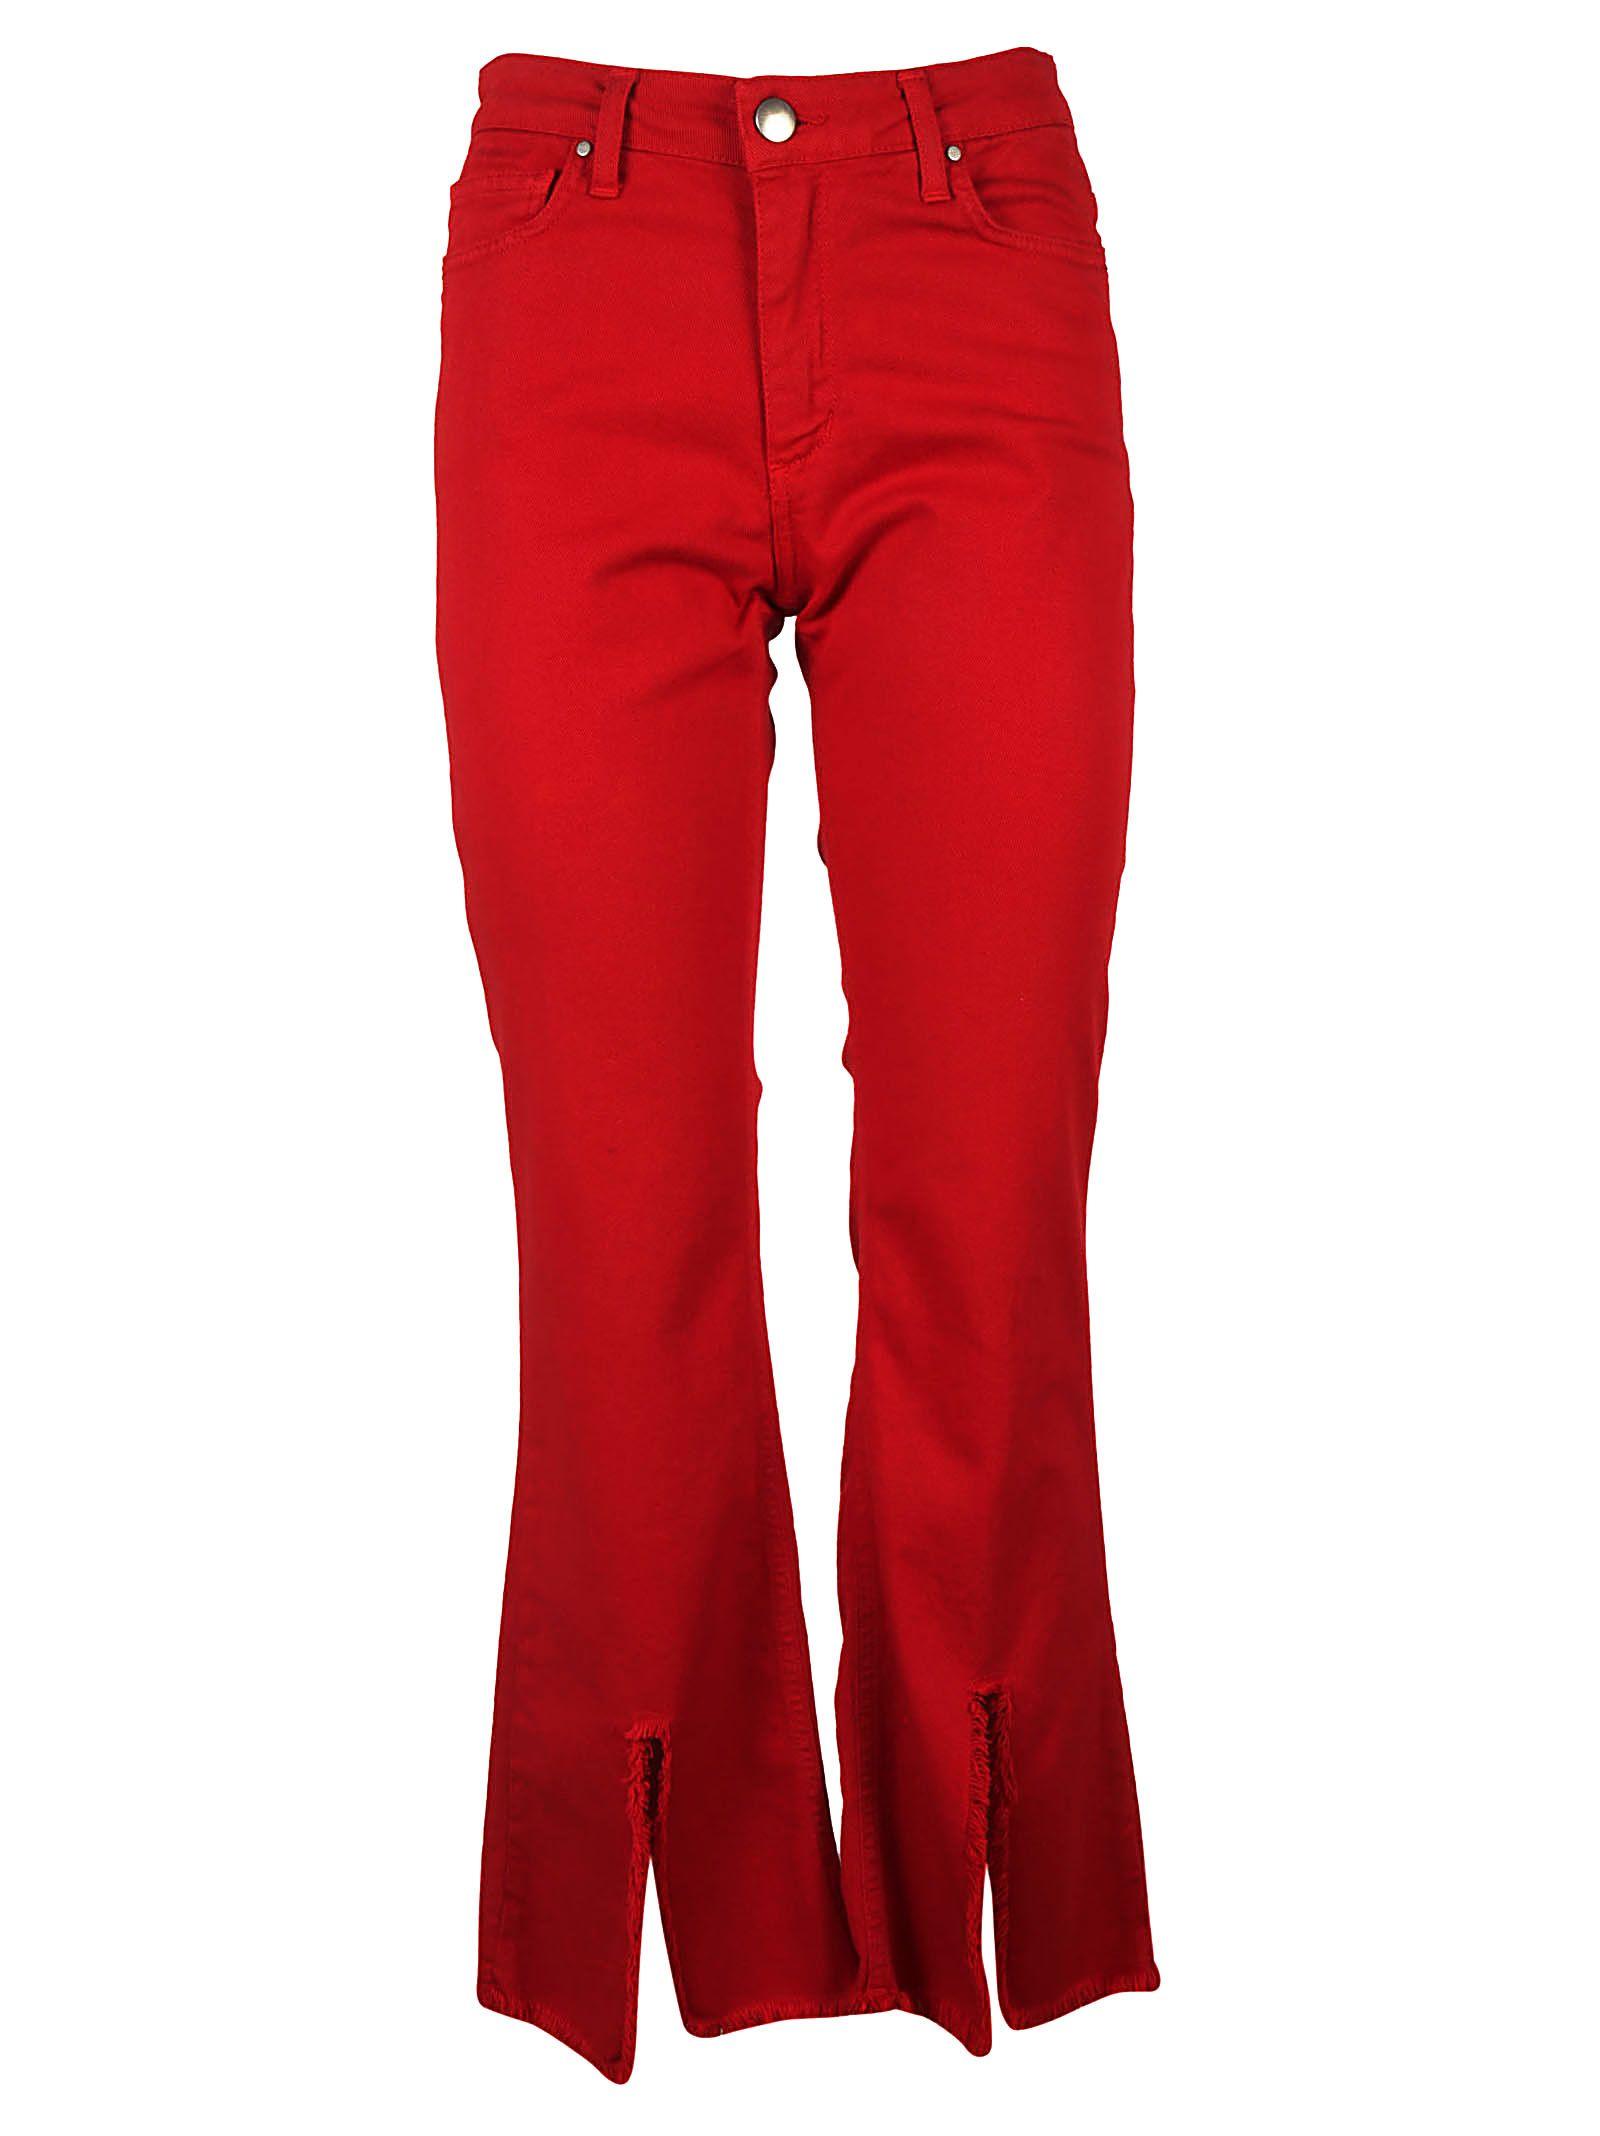 Federica Tosi Skinny Flared Jeans 10570130